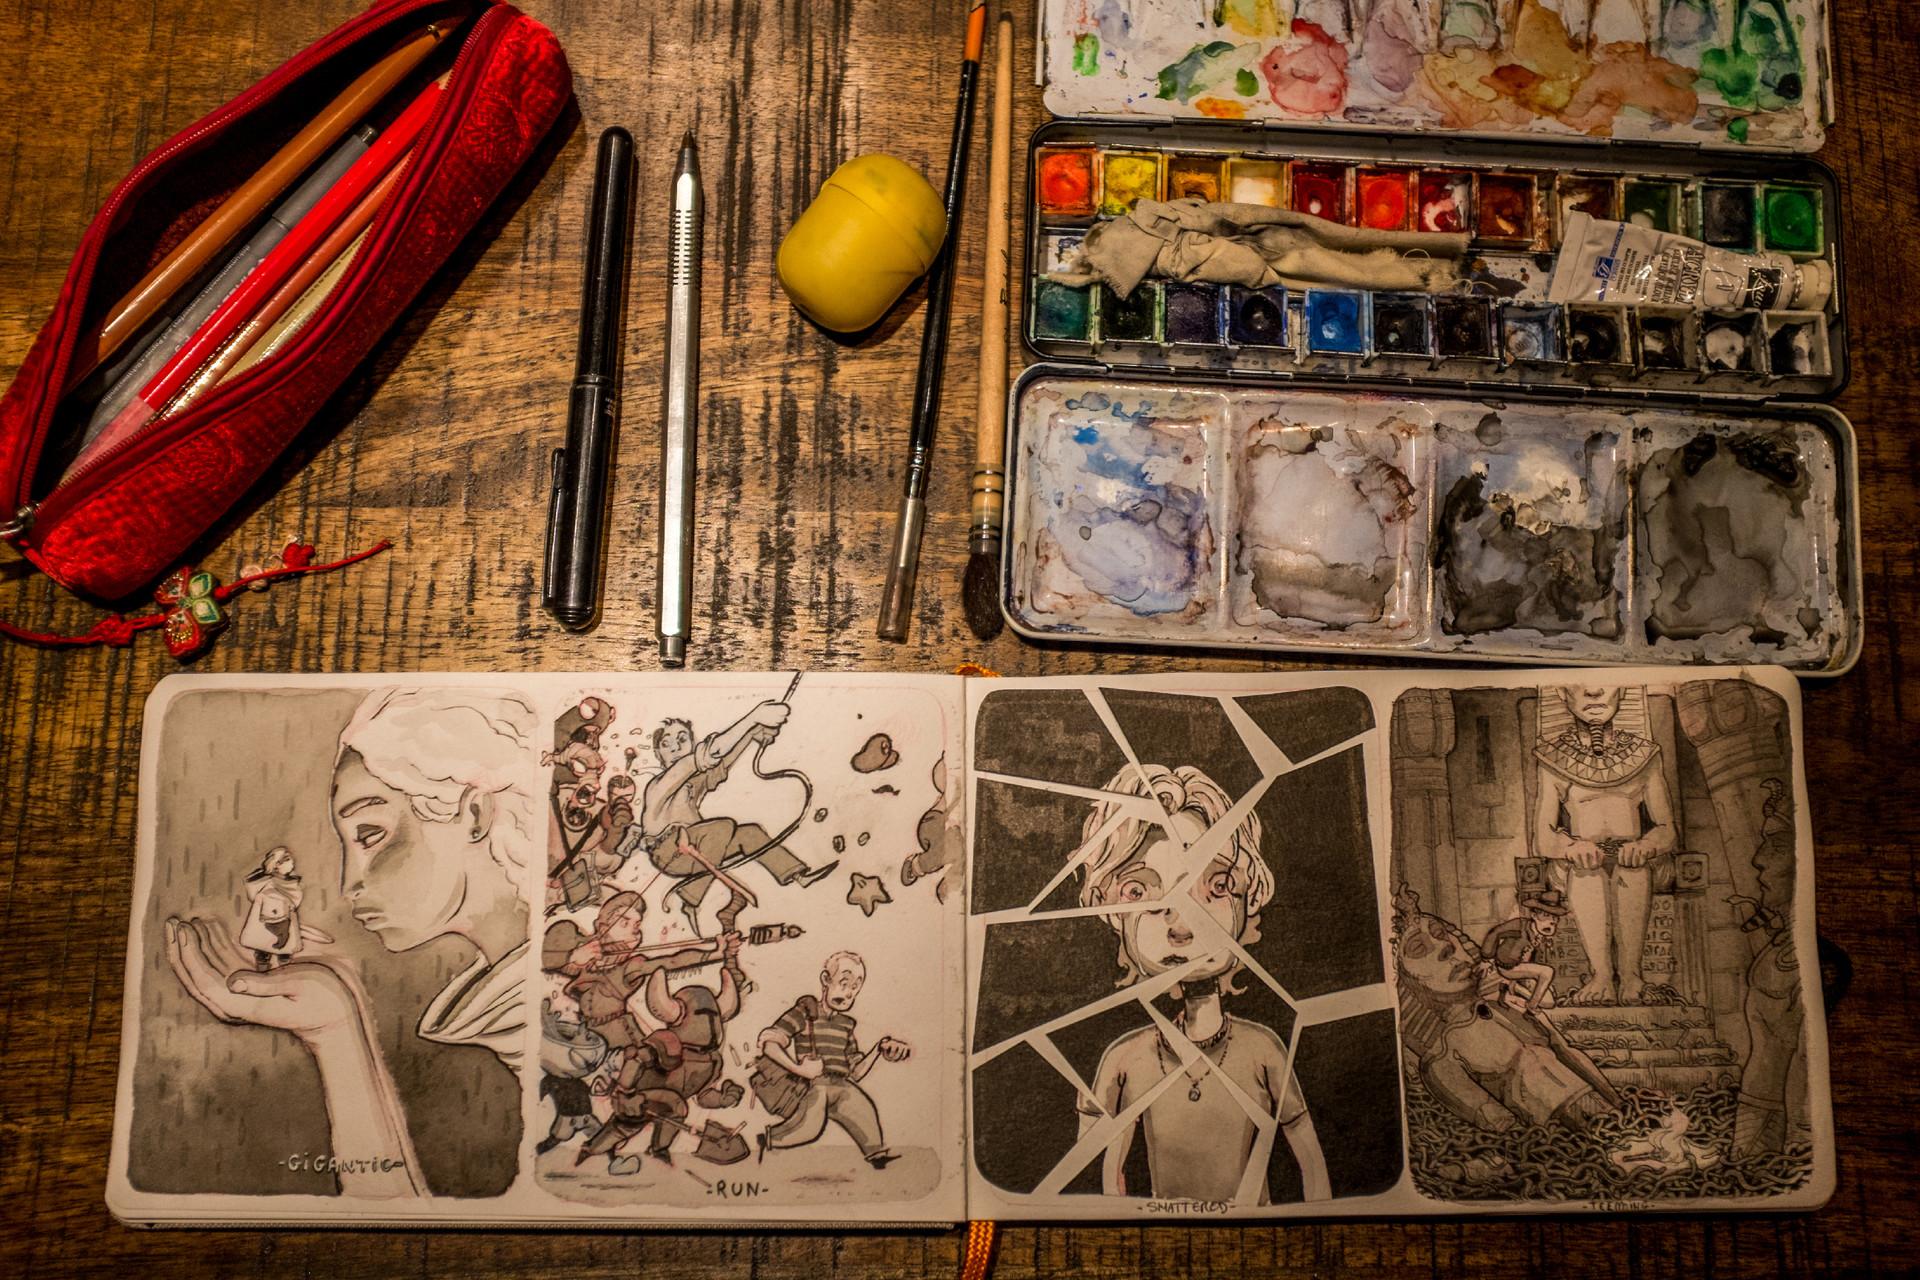 Vincent derozier vincent derozier drawings 15